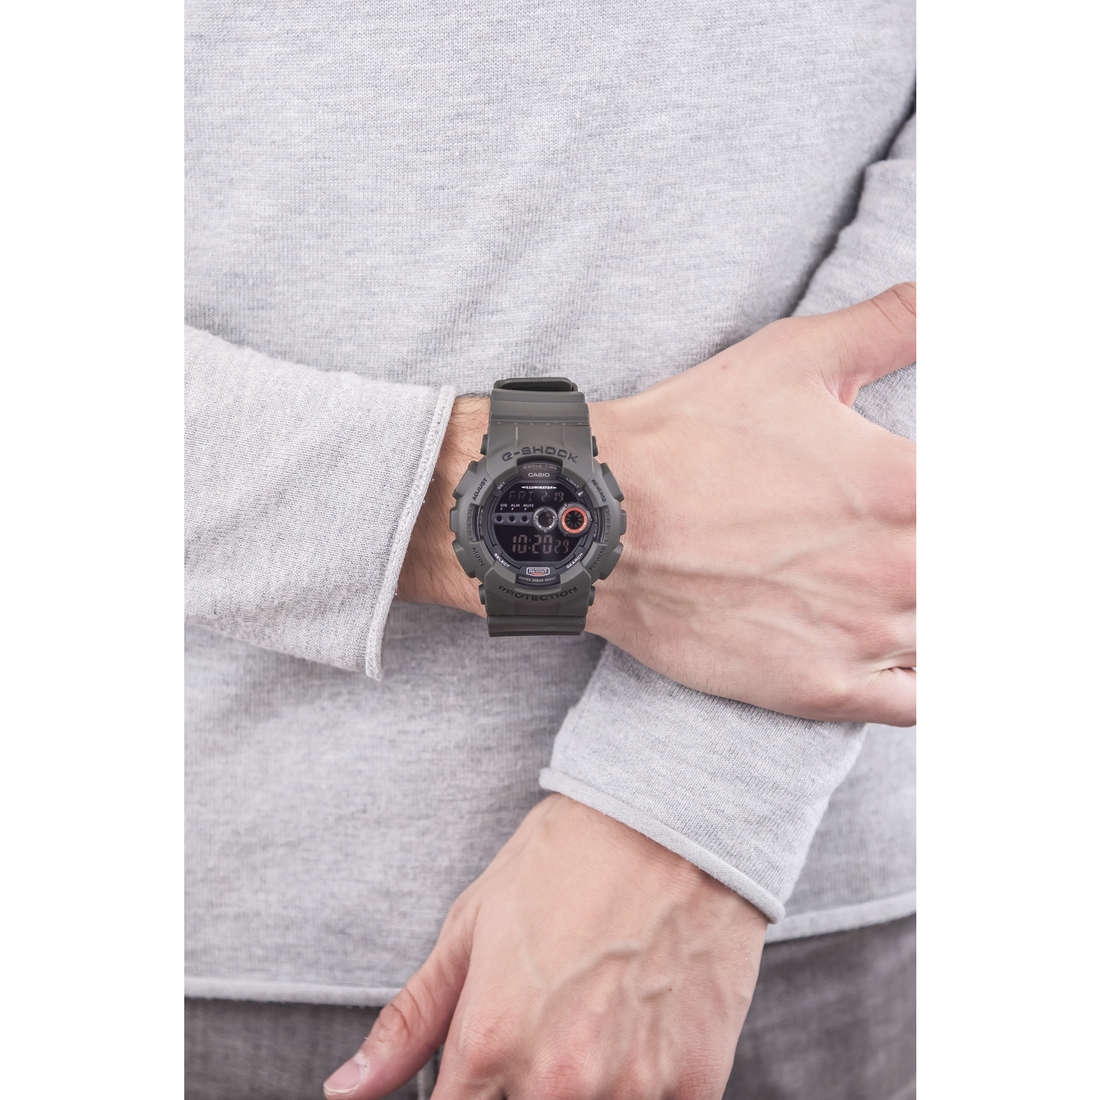 Casio digitali G-Shock uomo GD-100MS-3ER indosso